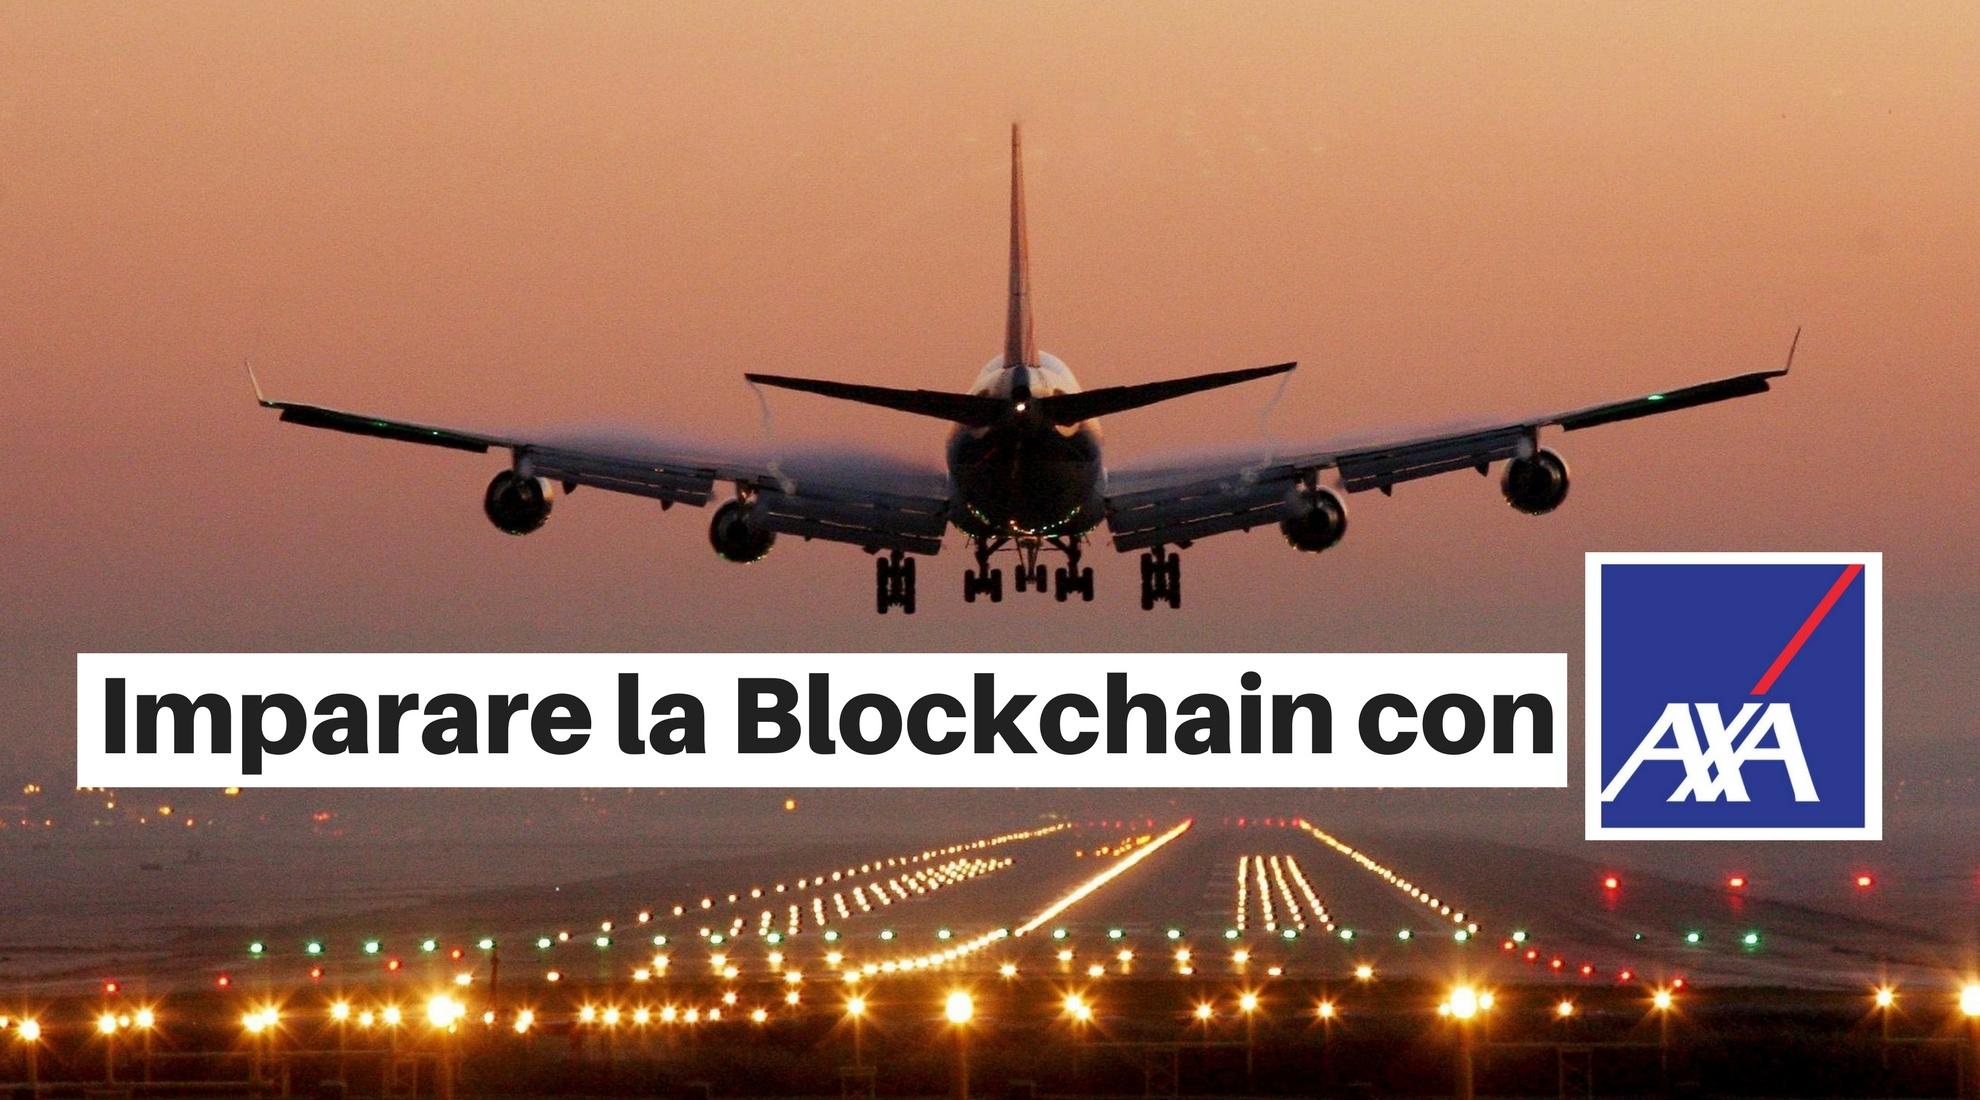 Imparare la Blockchain con.jpg